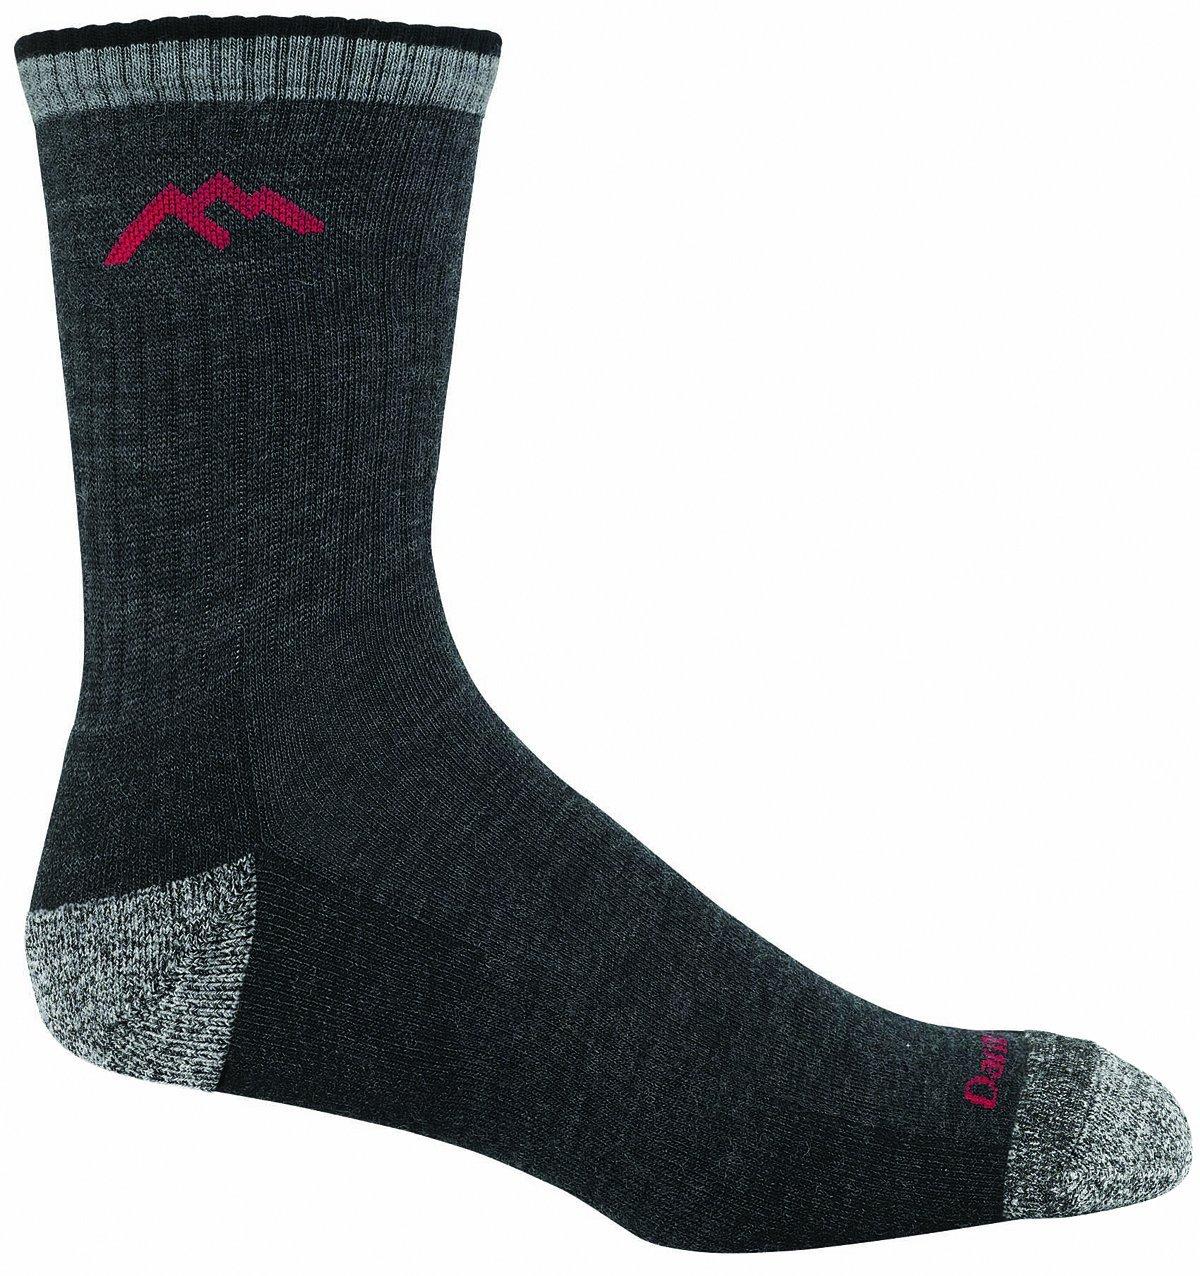 Darn Tough Merino Wool Micro Crew Sock Cushion,Black,Large